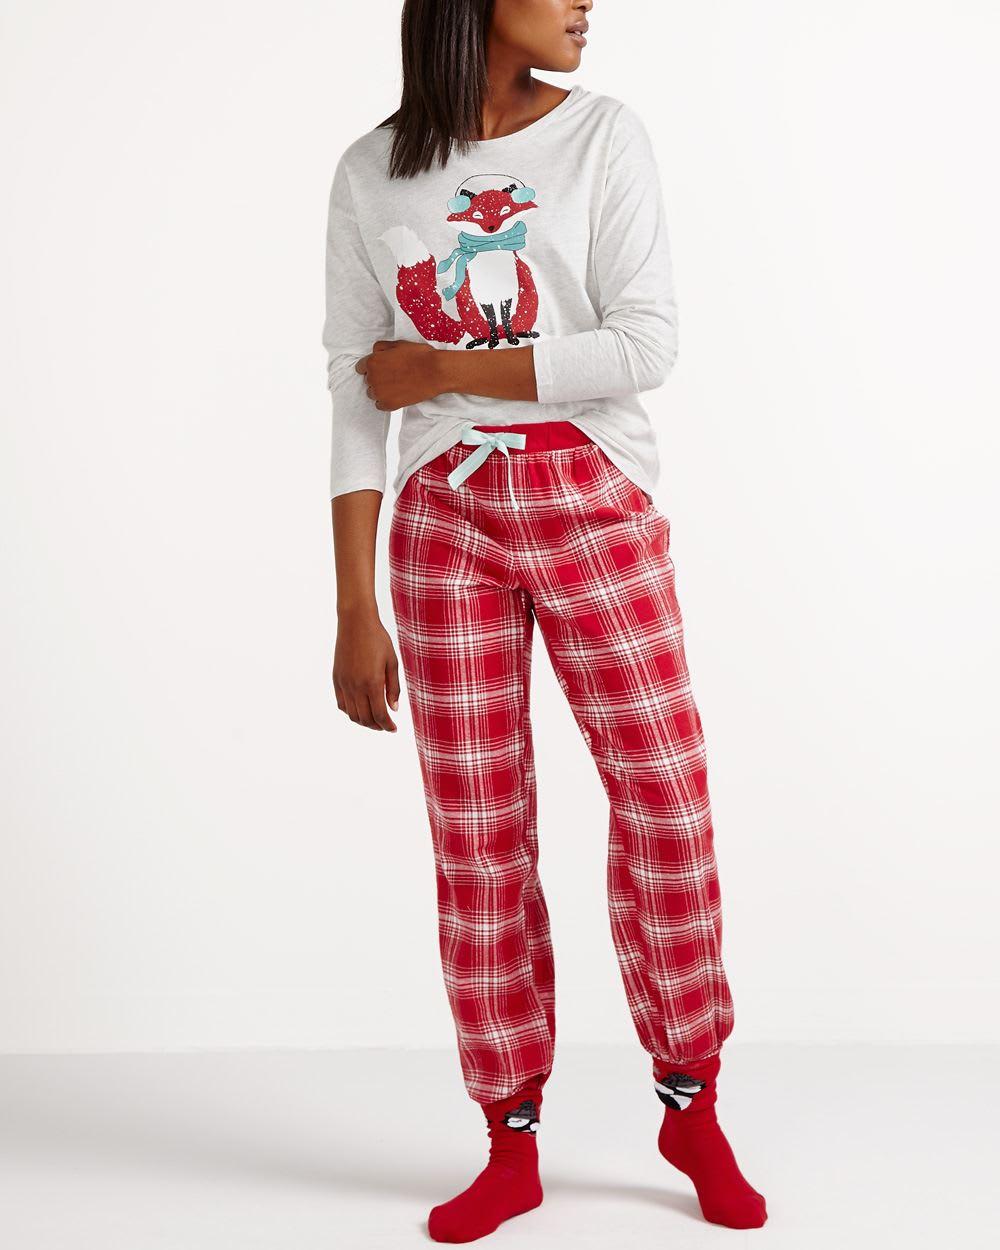 plus de photos 49b23 3ddf4 Ensemble pyjama en flanelle